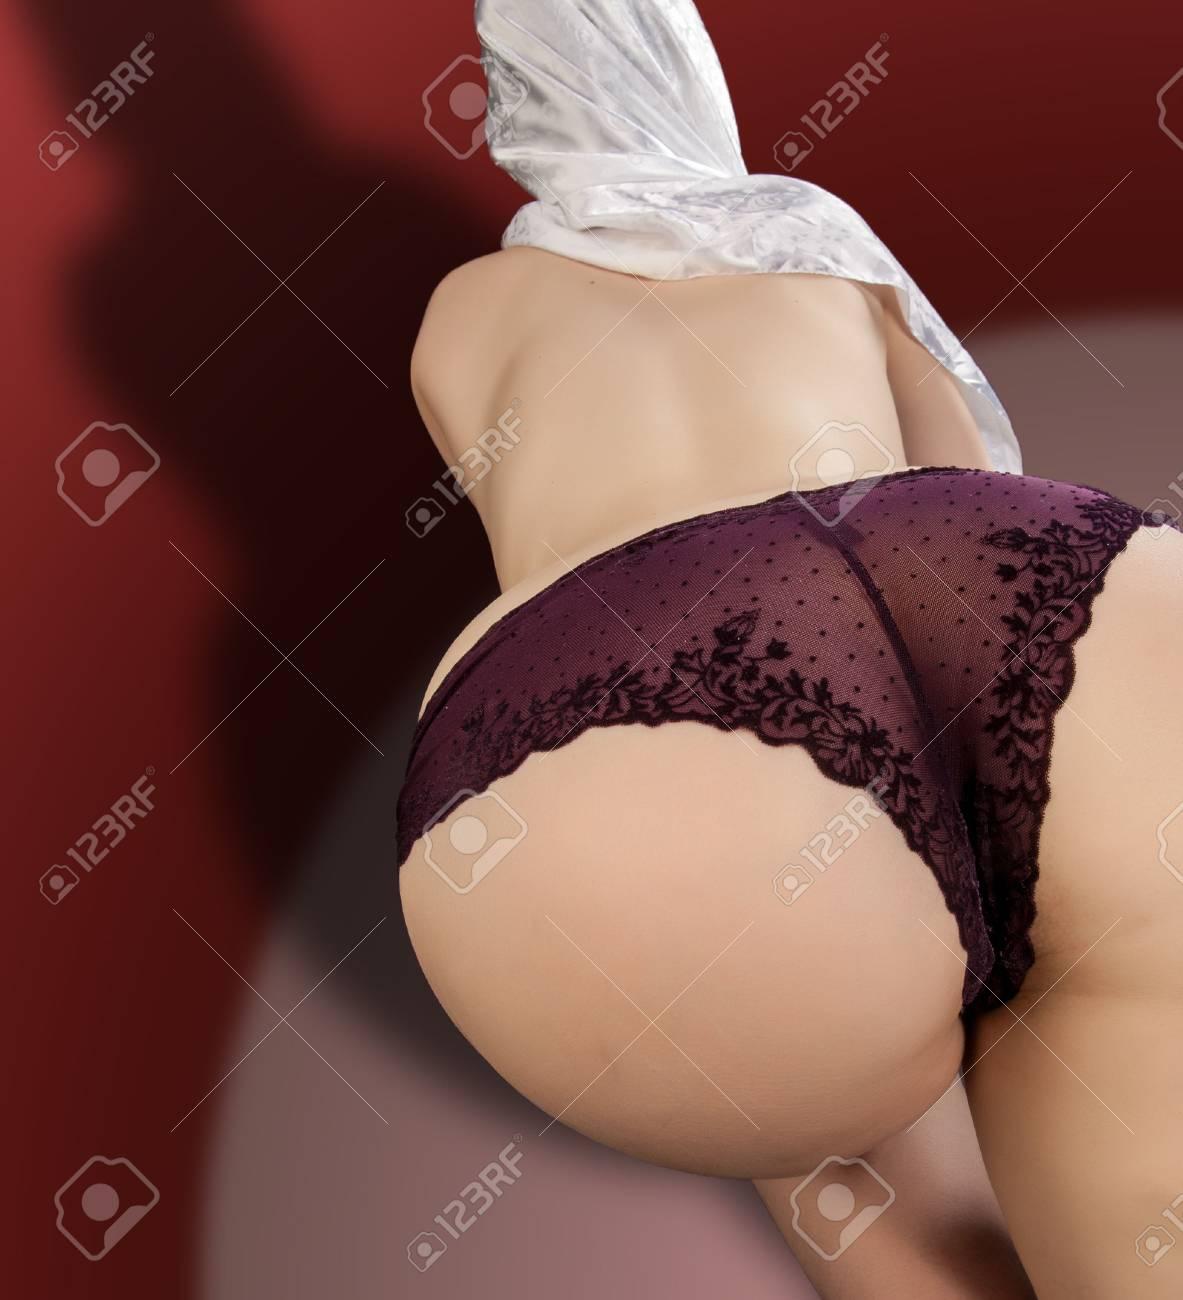 Mädchen arsch nackt